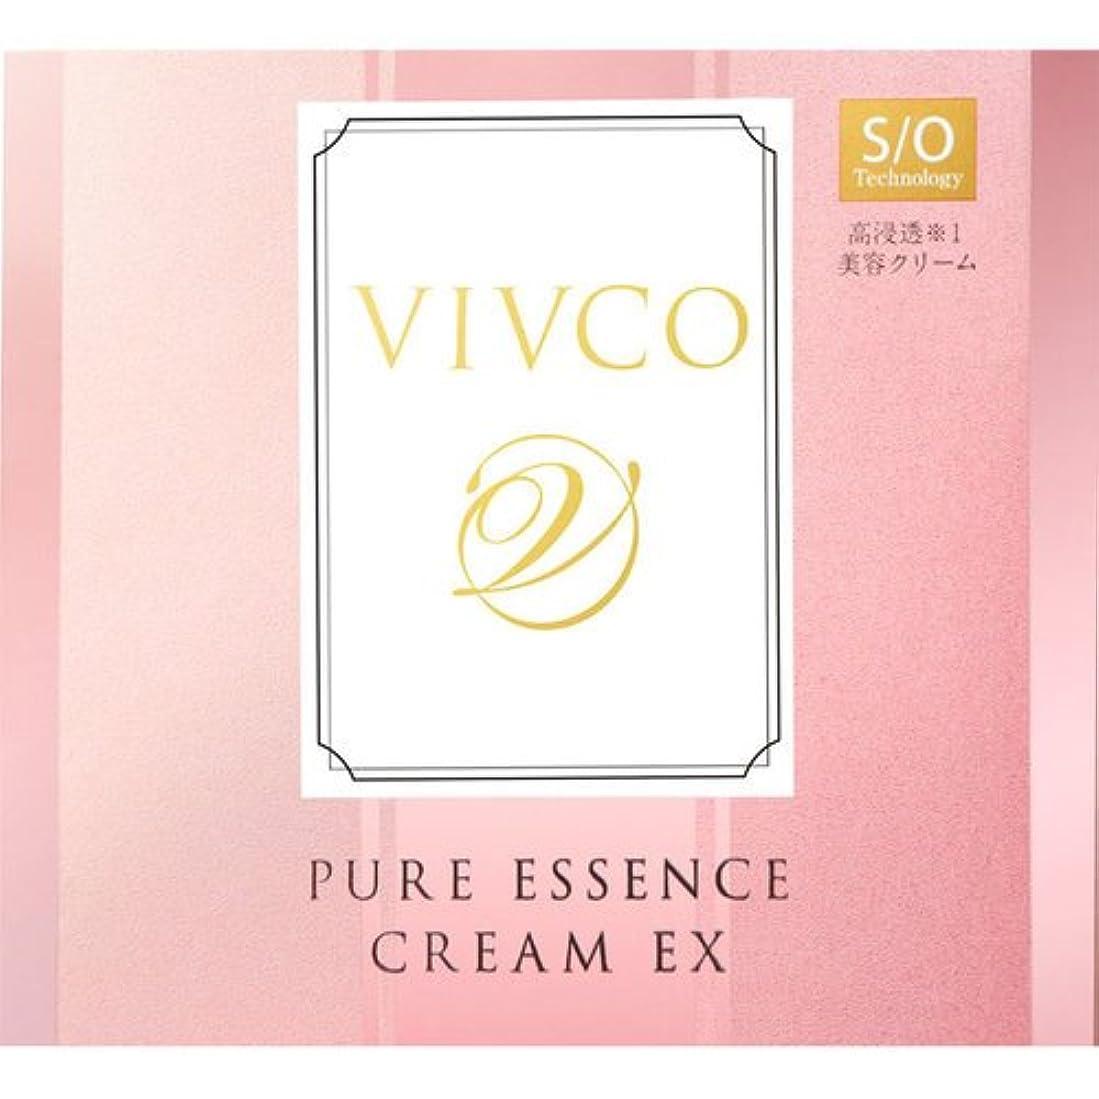 アンビエント舗装する砂漠ヴィヴコ ピュアエッセンス クリーム EX 60g